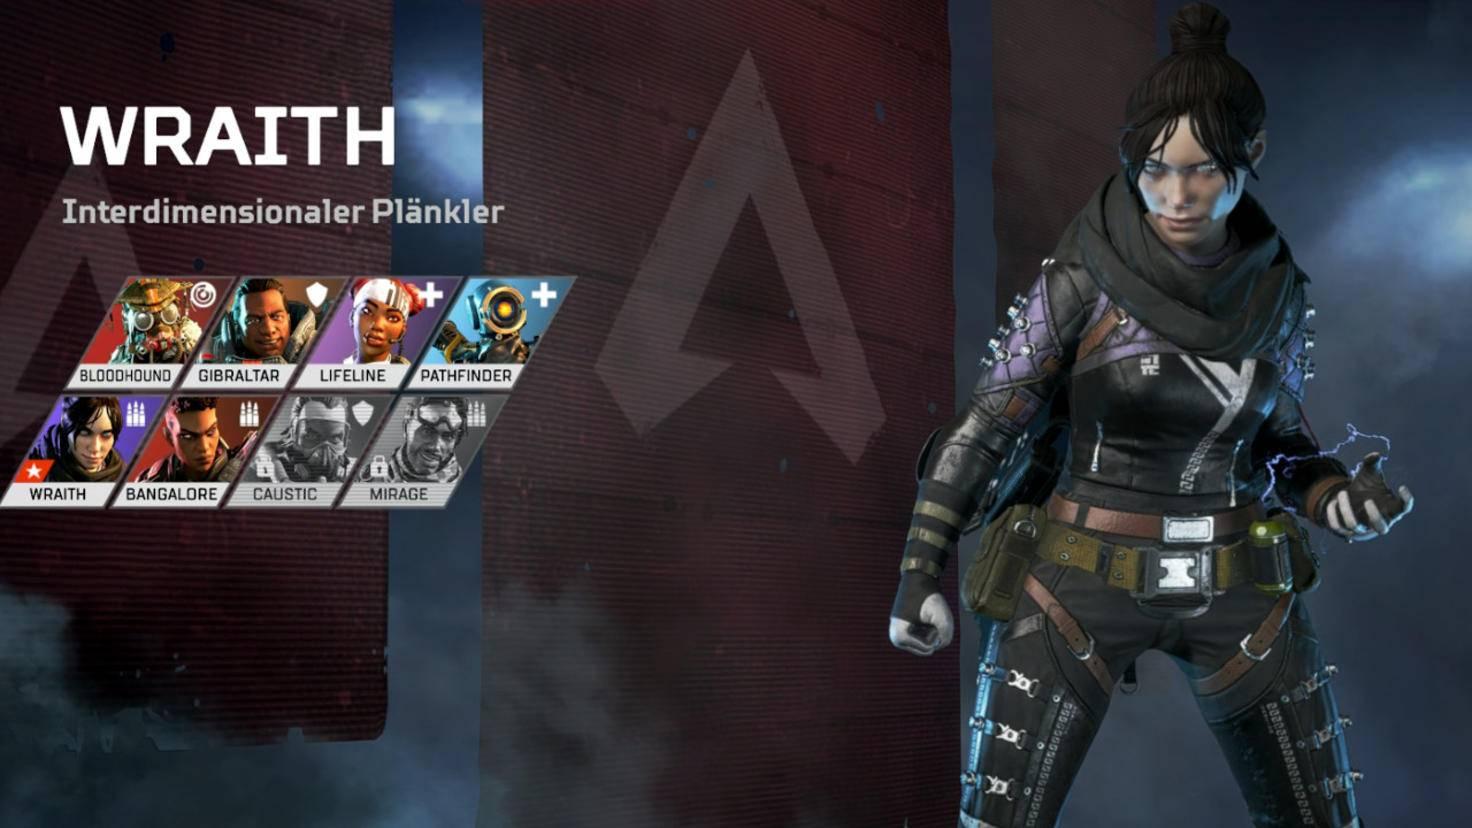 Nenn sie nicht Tracer: Wraith.